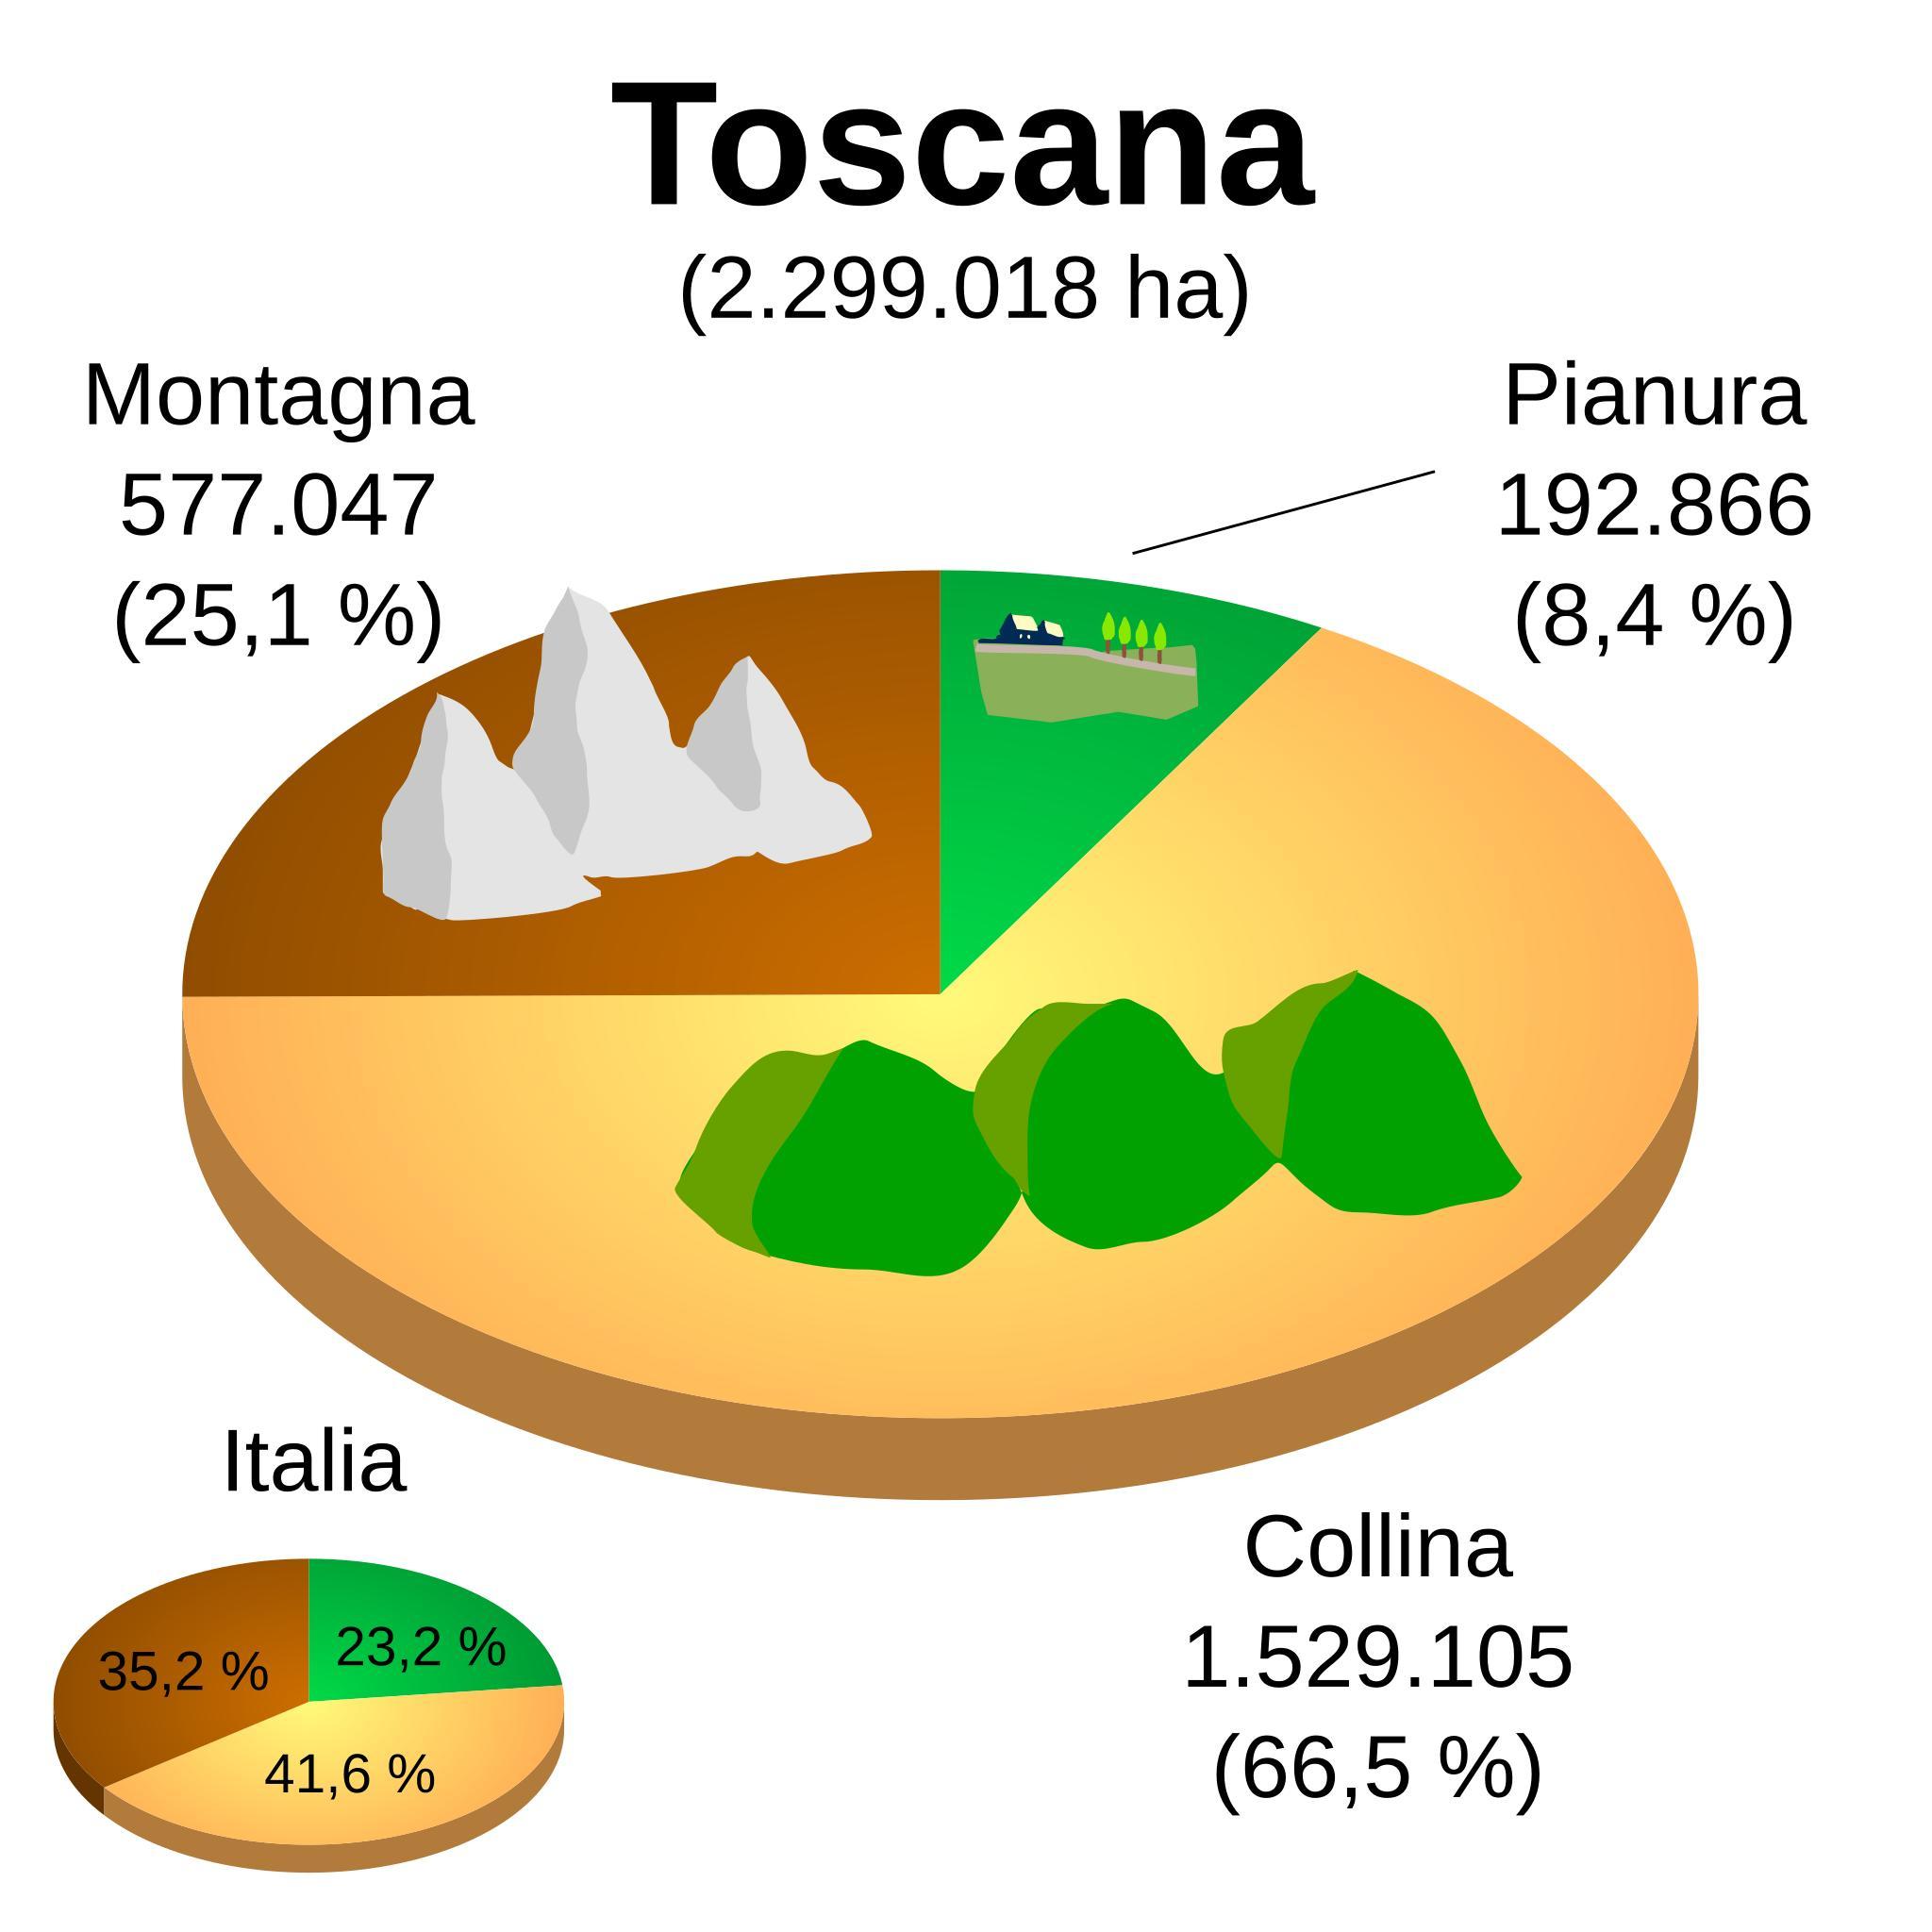 сколько процентов занимают горы